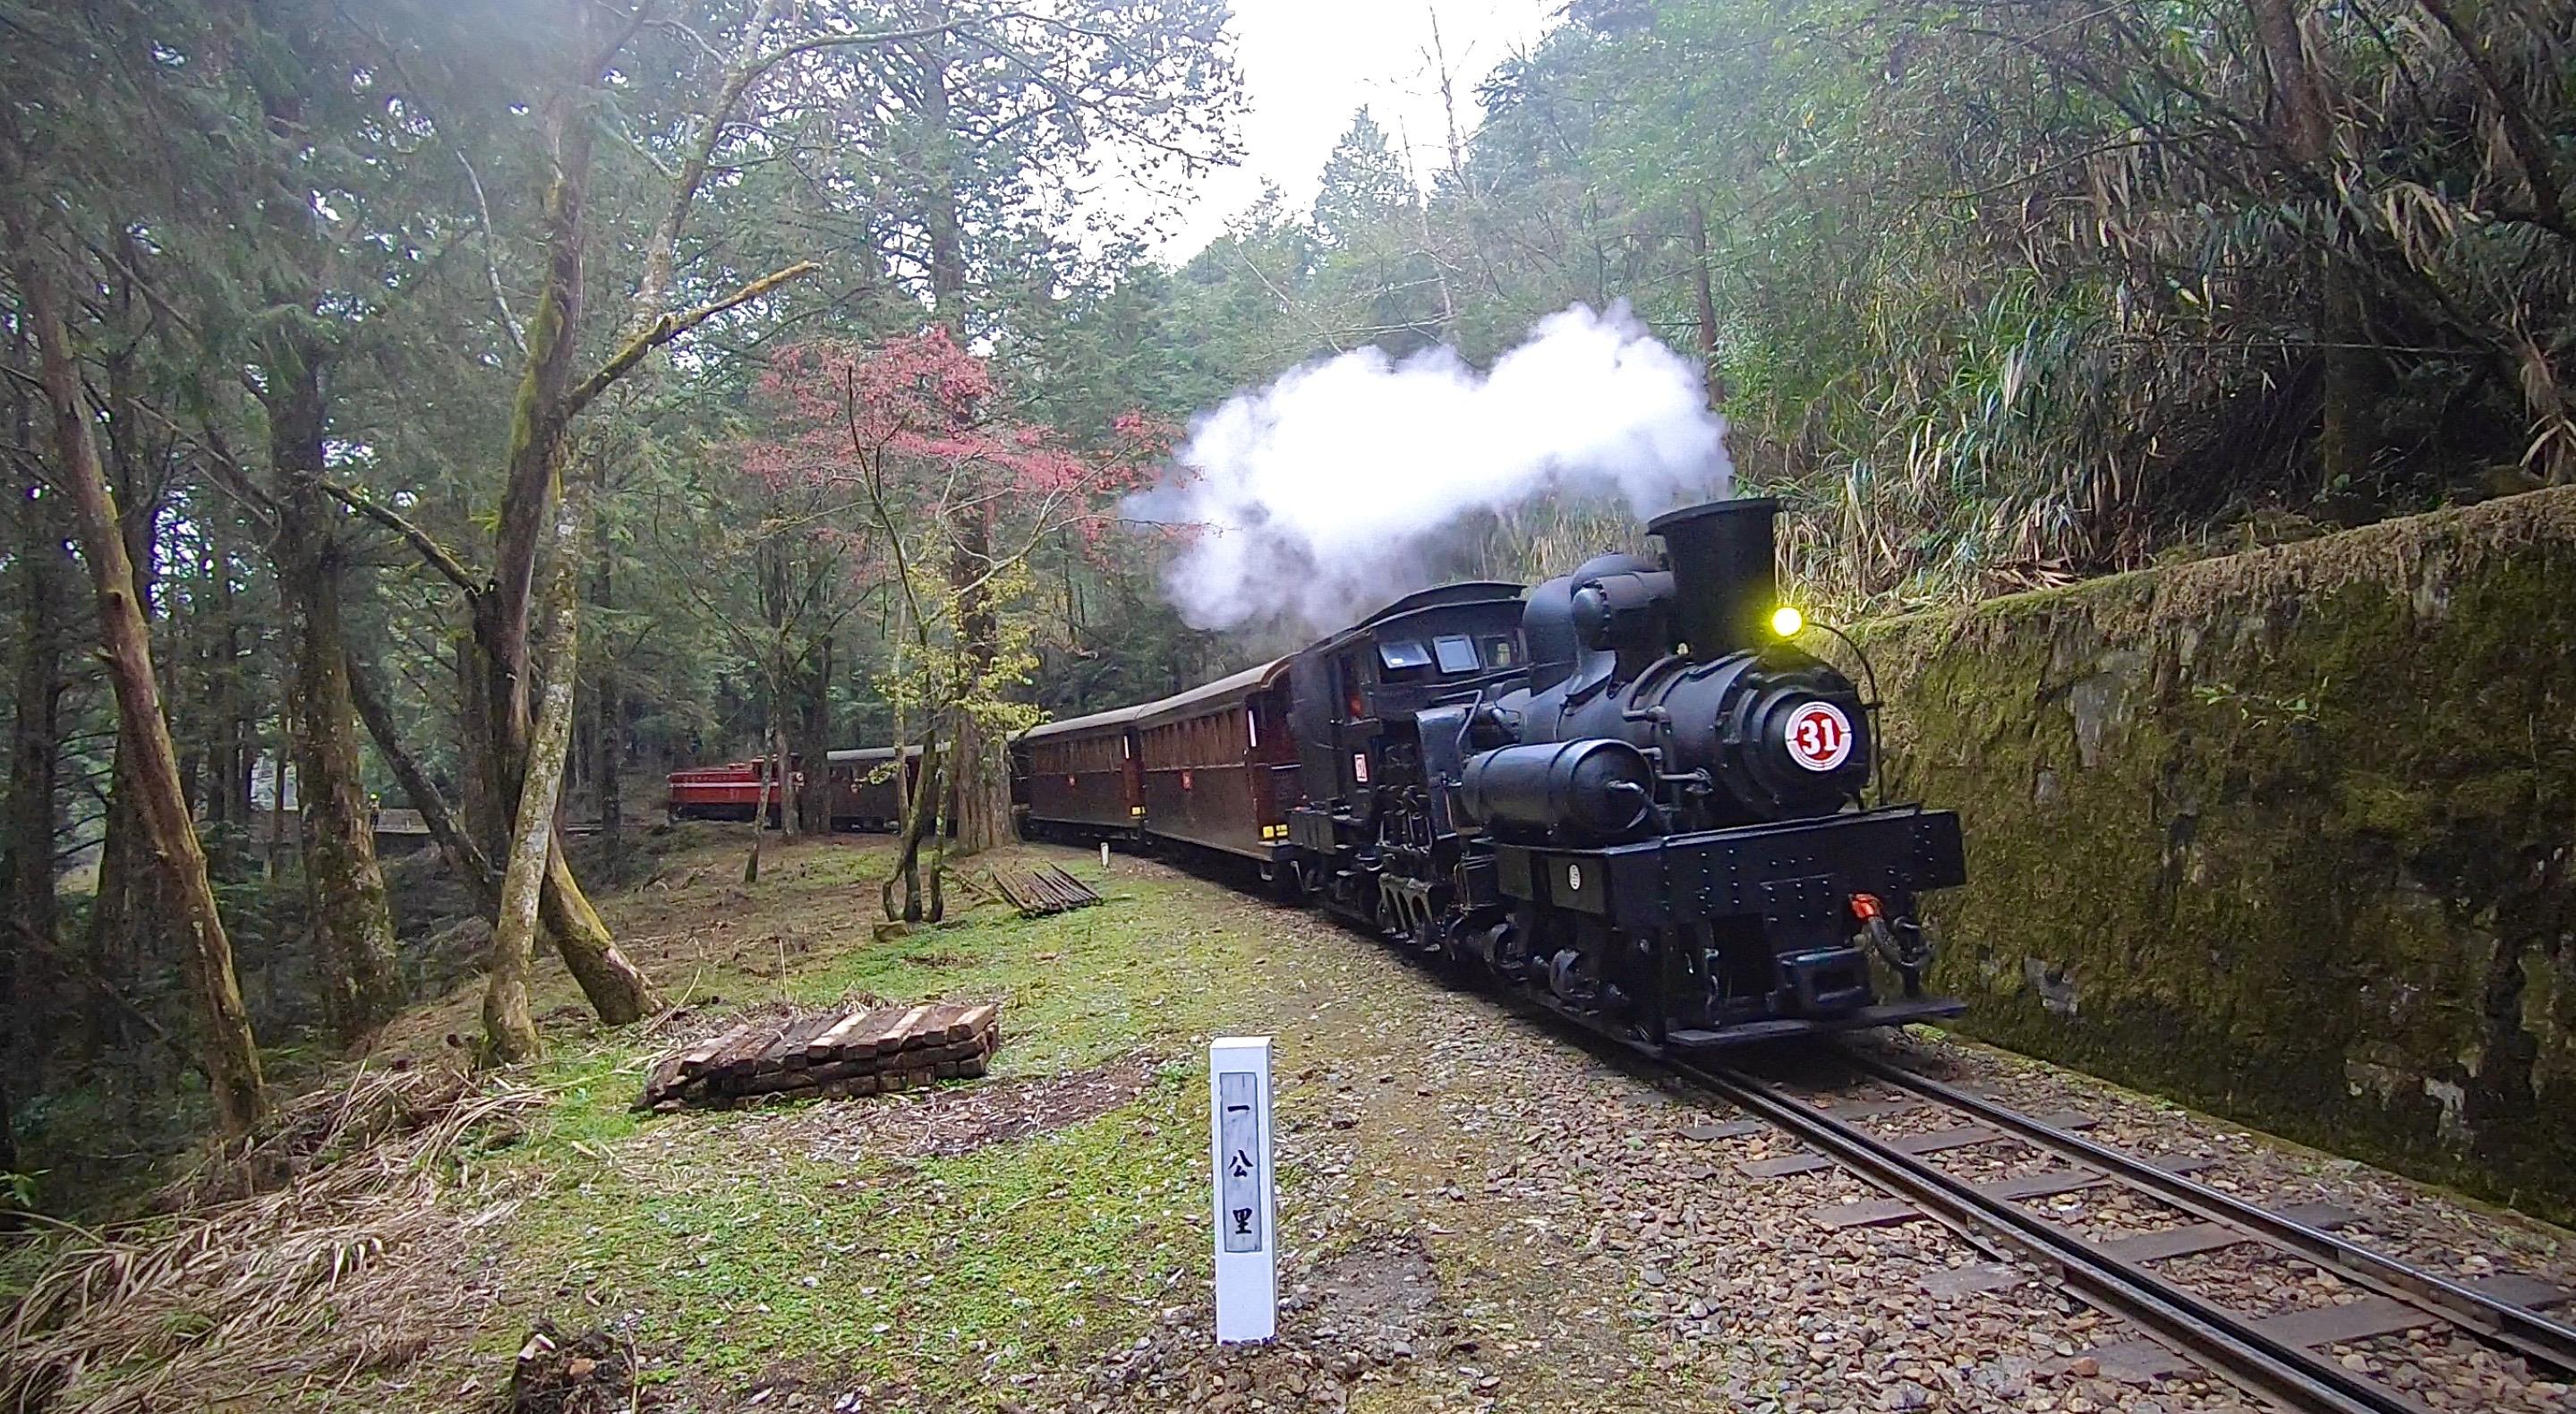 全臺唯一高山鐵道楓紅  林鐵《SL-31蒸汽火車.楓華再現》主題列車